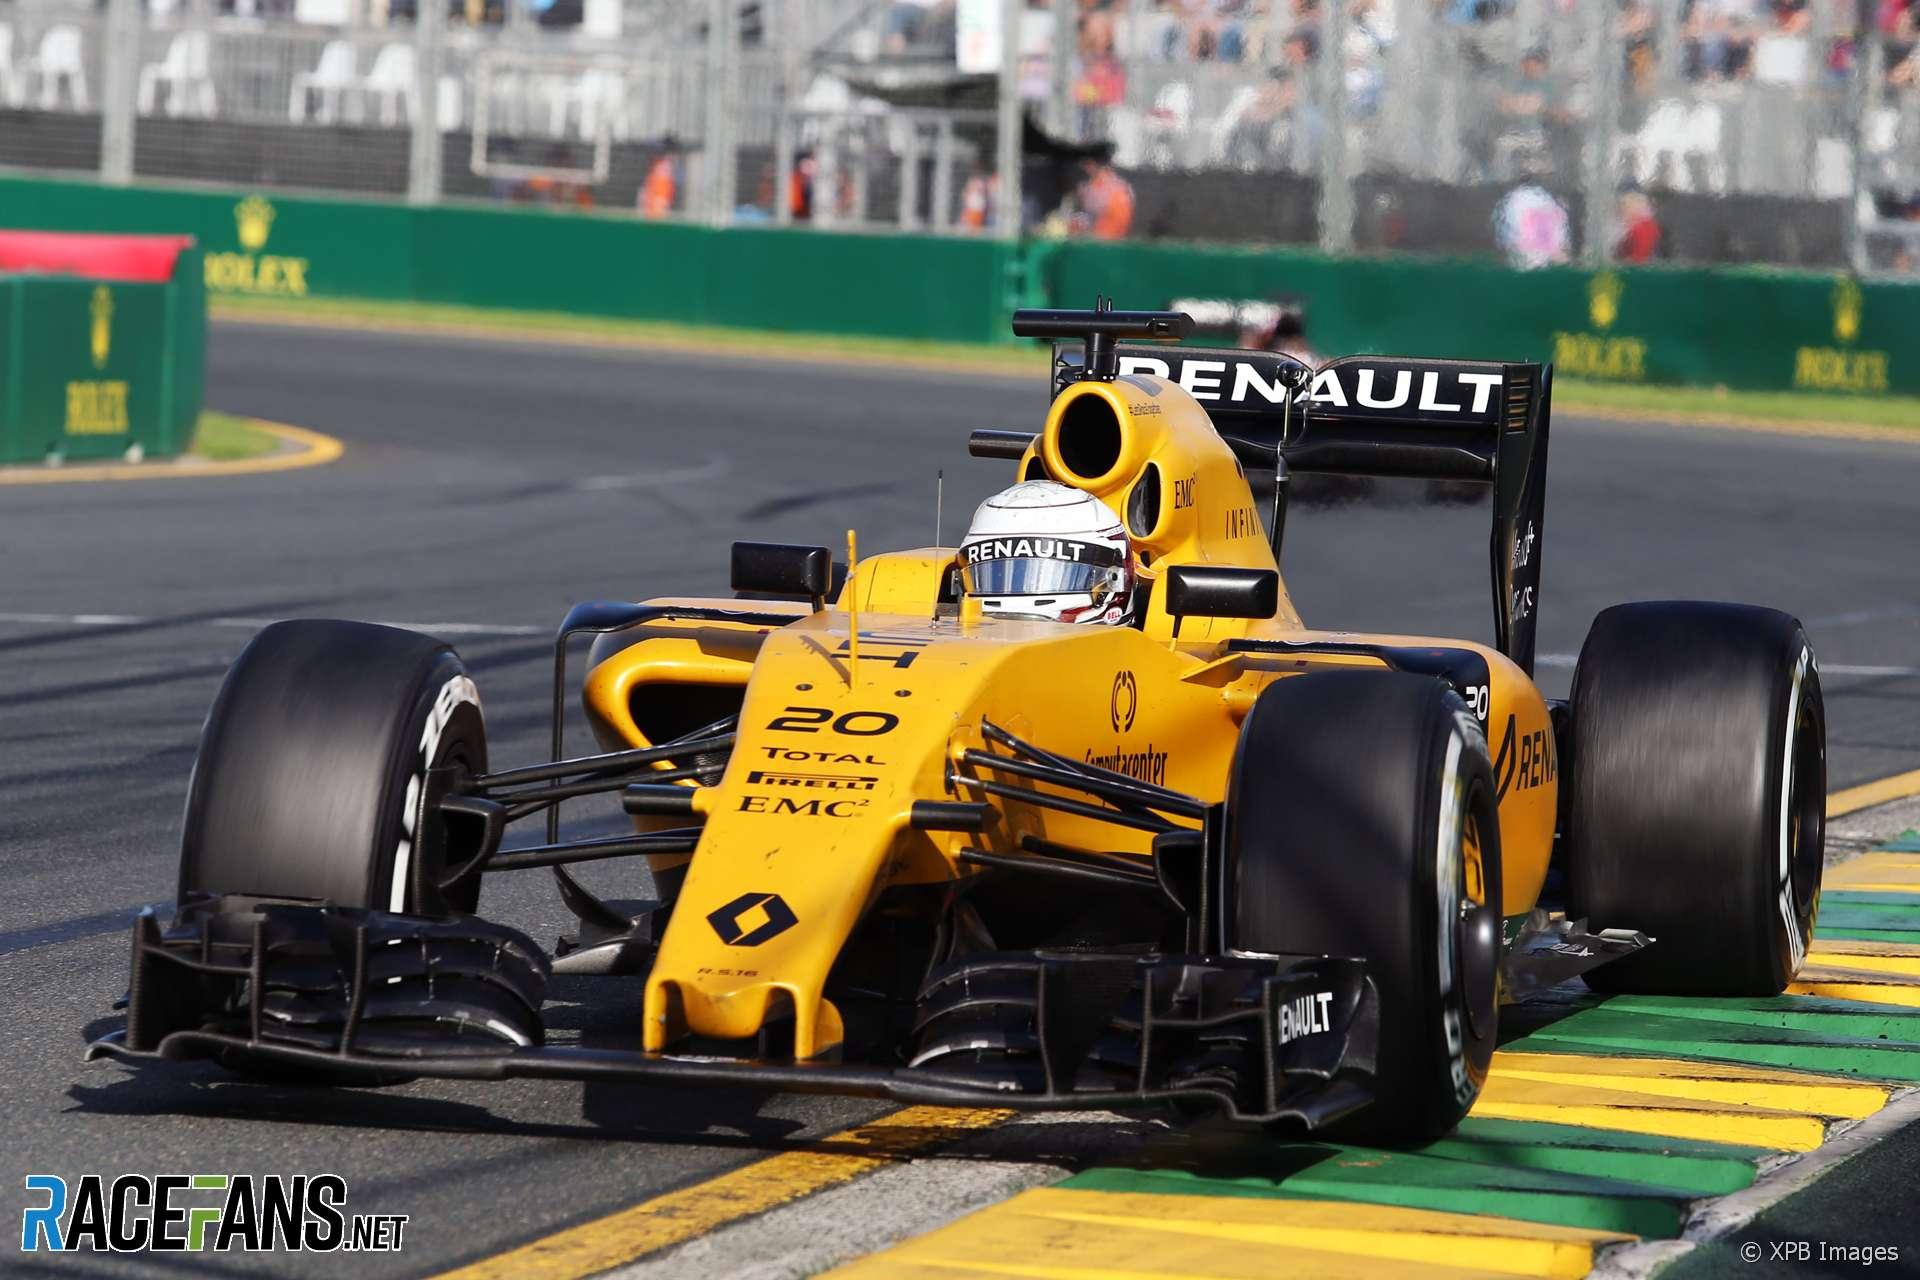 Kevin Magnussen, Renault, Melbourne, 2016